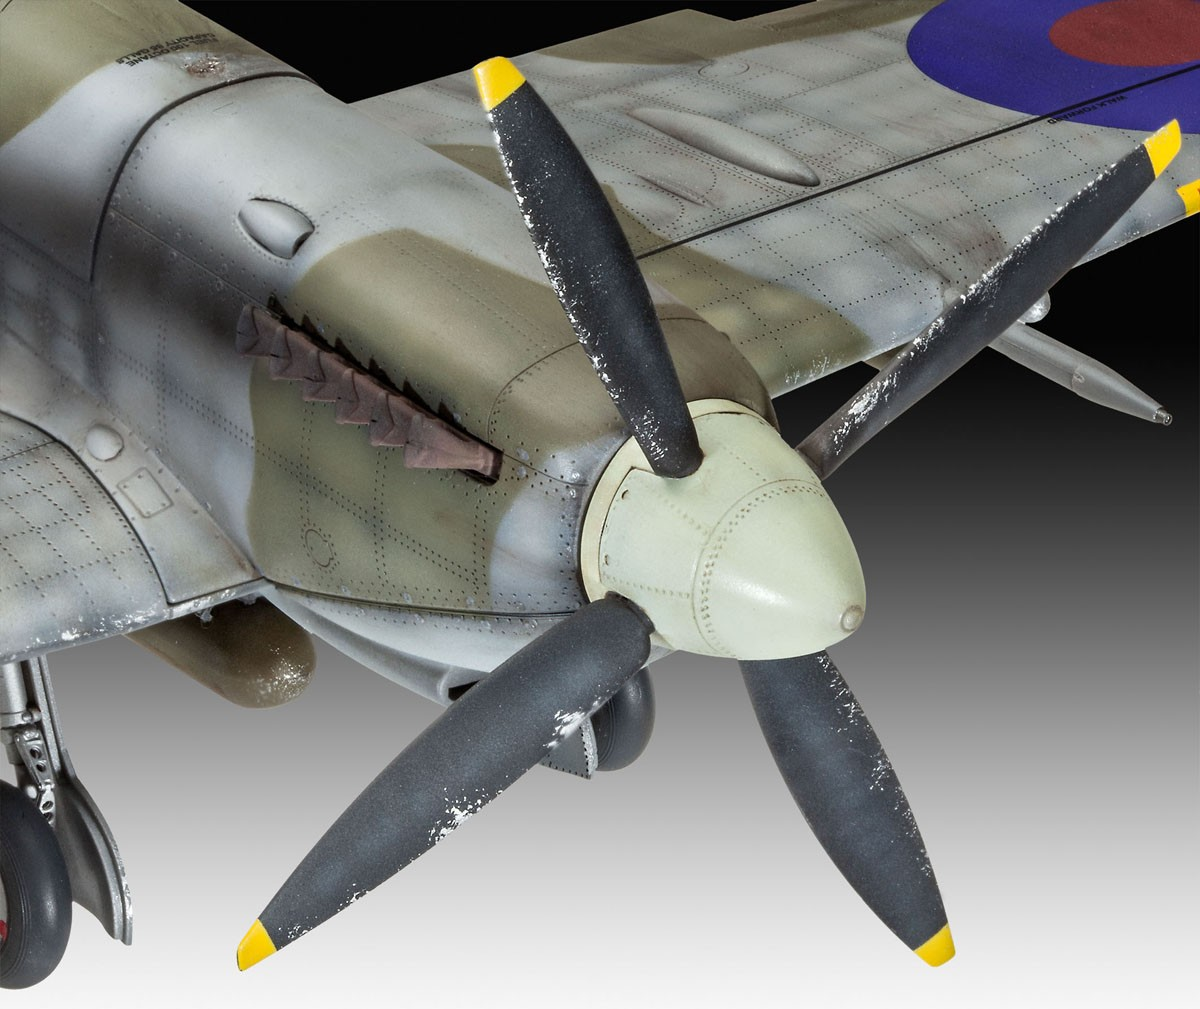 Supermarine Spitfire Mk.IXc - 1/32 - Revell 03927  - BLIMPS COMÉRCIO ELETRÔNICO